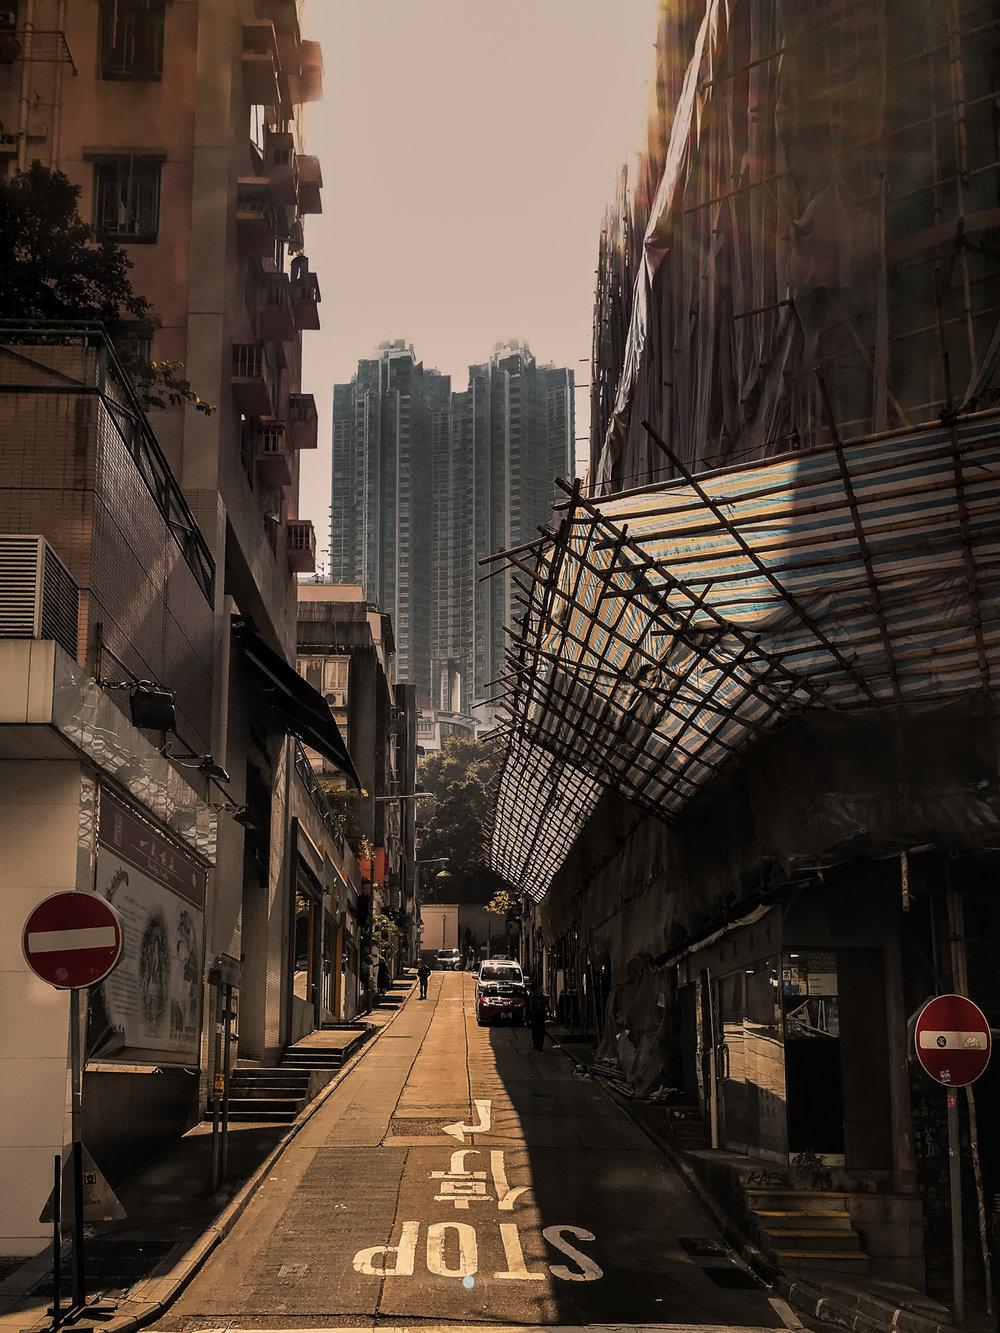 biyplay Snaps in Hong Kong - Yes! Please Enjoy-13.jpg